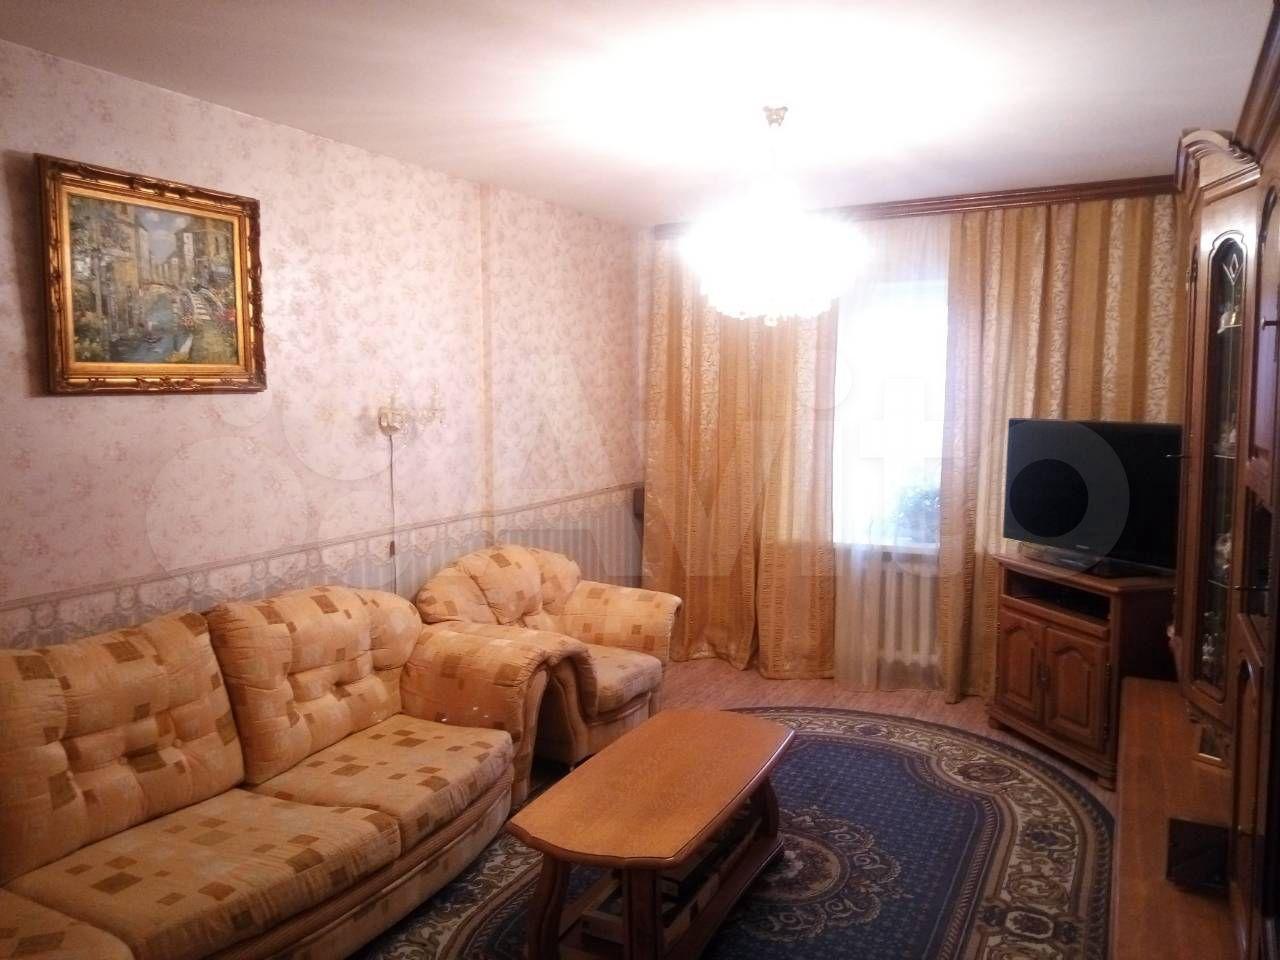 4-к квартира, 92 м², 8/10 эт. 89535613238 купить 6